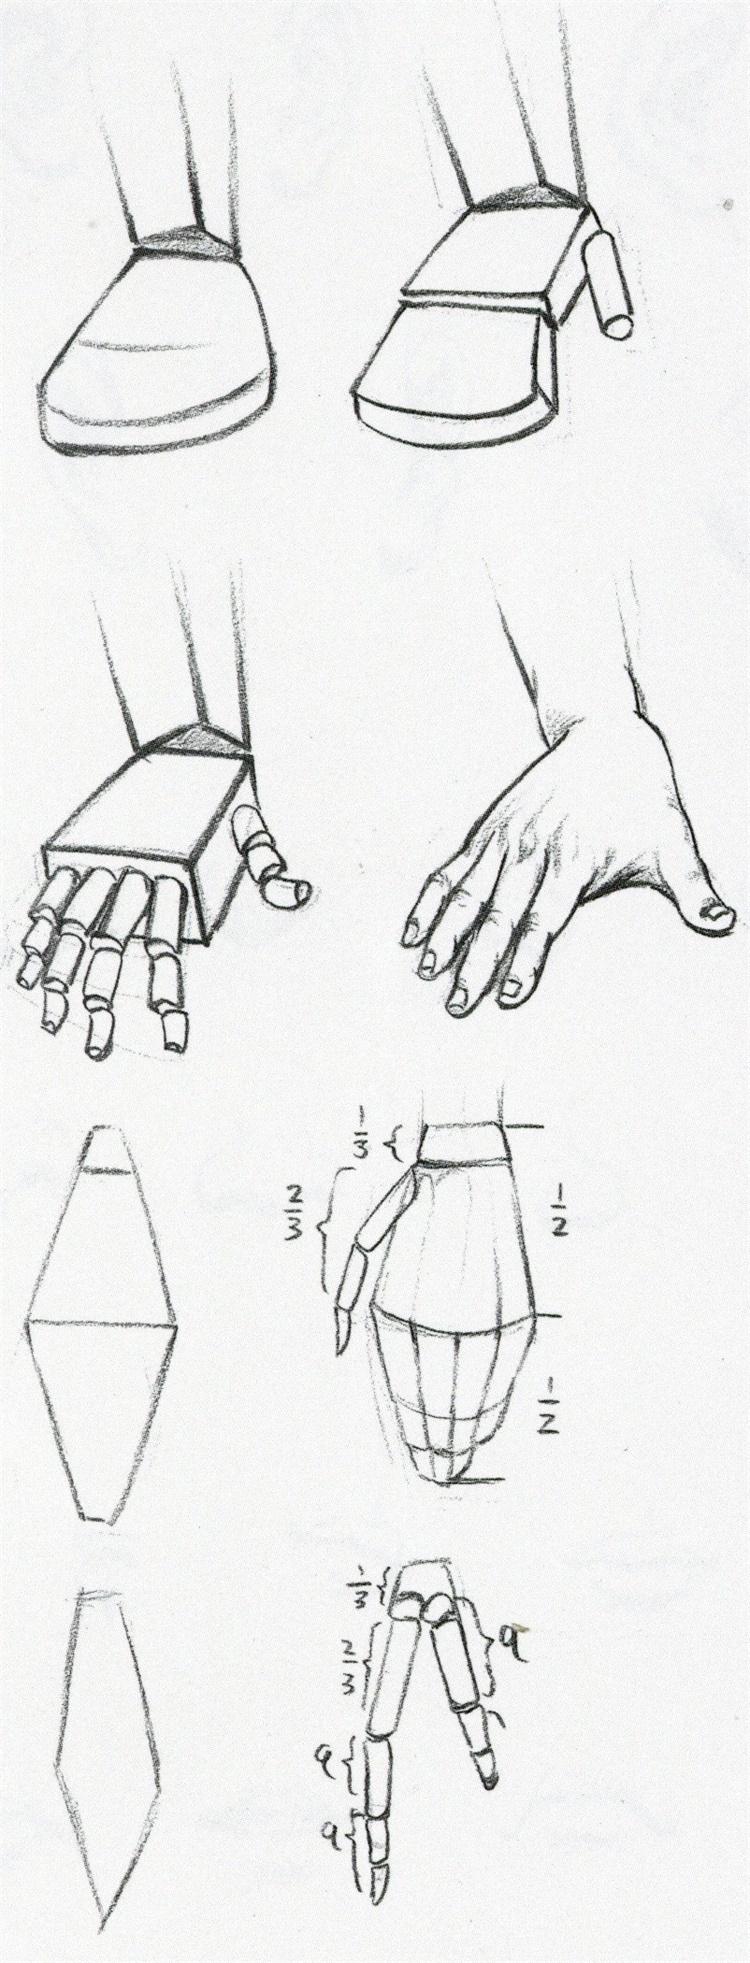 (1)手的结构复杂,动作灵活,形态多变,可将手部分为腕、掌、指三部分来理解。腕骨的背面凸起,掌面凹陷。由于腕骨和掌骨连成一体,腕的体积不太明显,但在手的造型中容易忽视腕的结构特征,必须注意腕部和手、臂的连接,否则手的造型则生硬、呆板。手的动作首先体现在腕部,然后才是掌骨和指骨。   (2)手部的骨骼决定着手部的基本形体。指骨外皮下的肌肉脂肪很少,因此手指骨的基本形几乎等同于手指的外形。因此,如何理解指骨以及表现指骨是刻画手部的重点。   (3)整个手部自腕部至指尖呈阶梯状,腕、掌、指逐级下降,在对手的